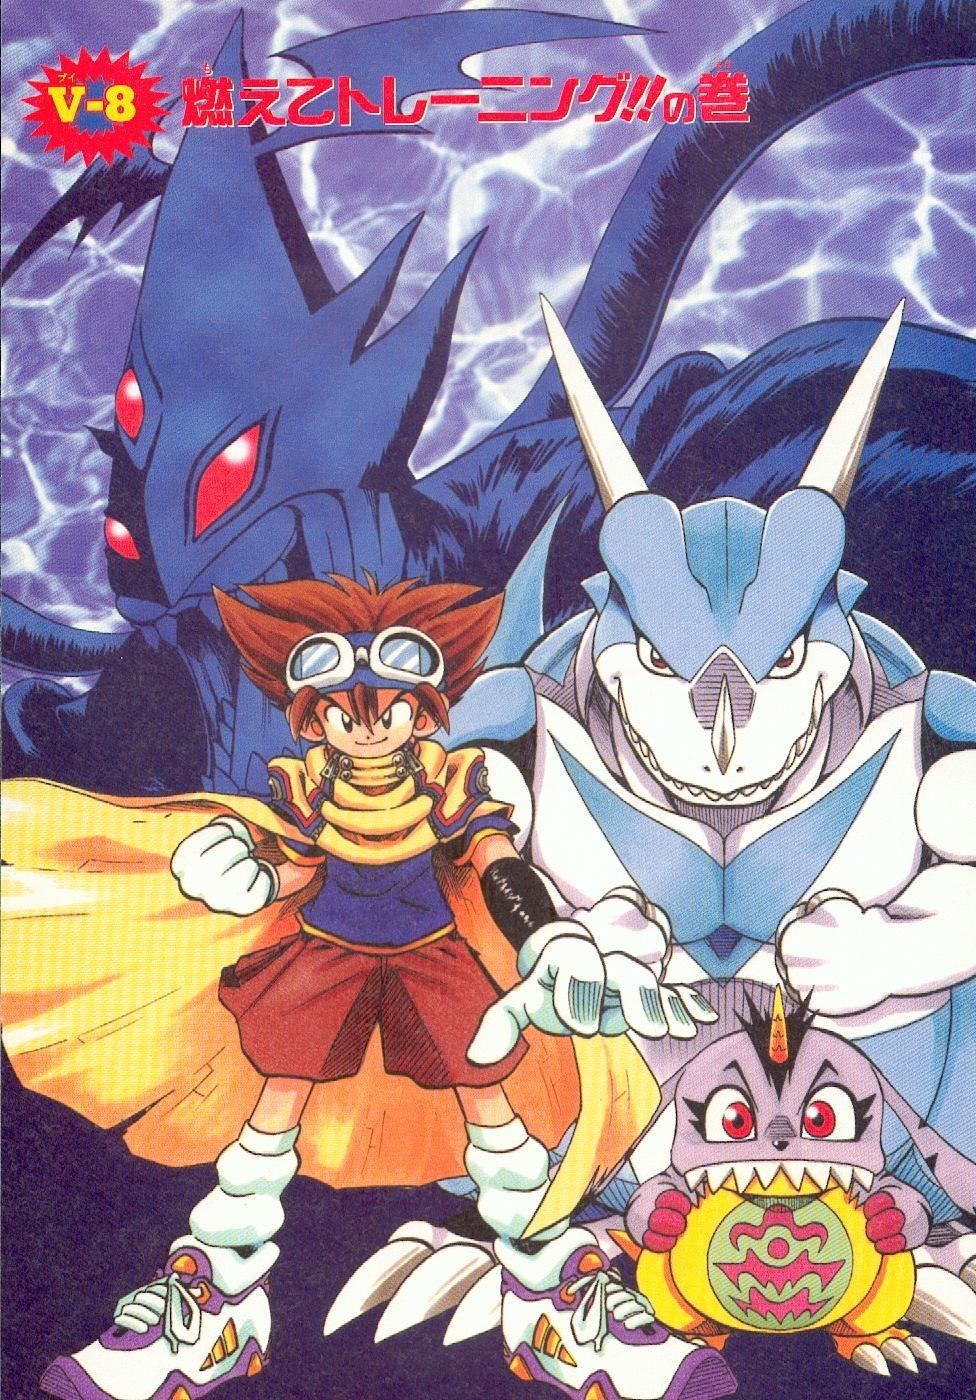 Digimon adventure v-tamer online dating